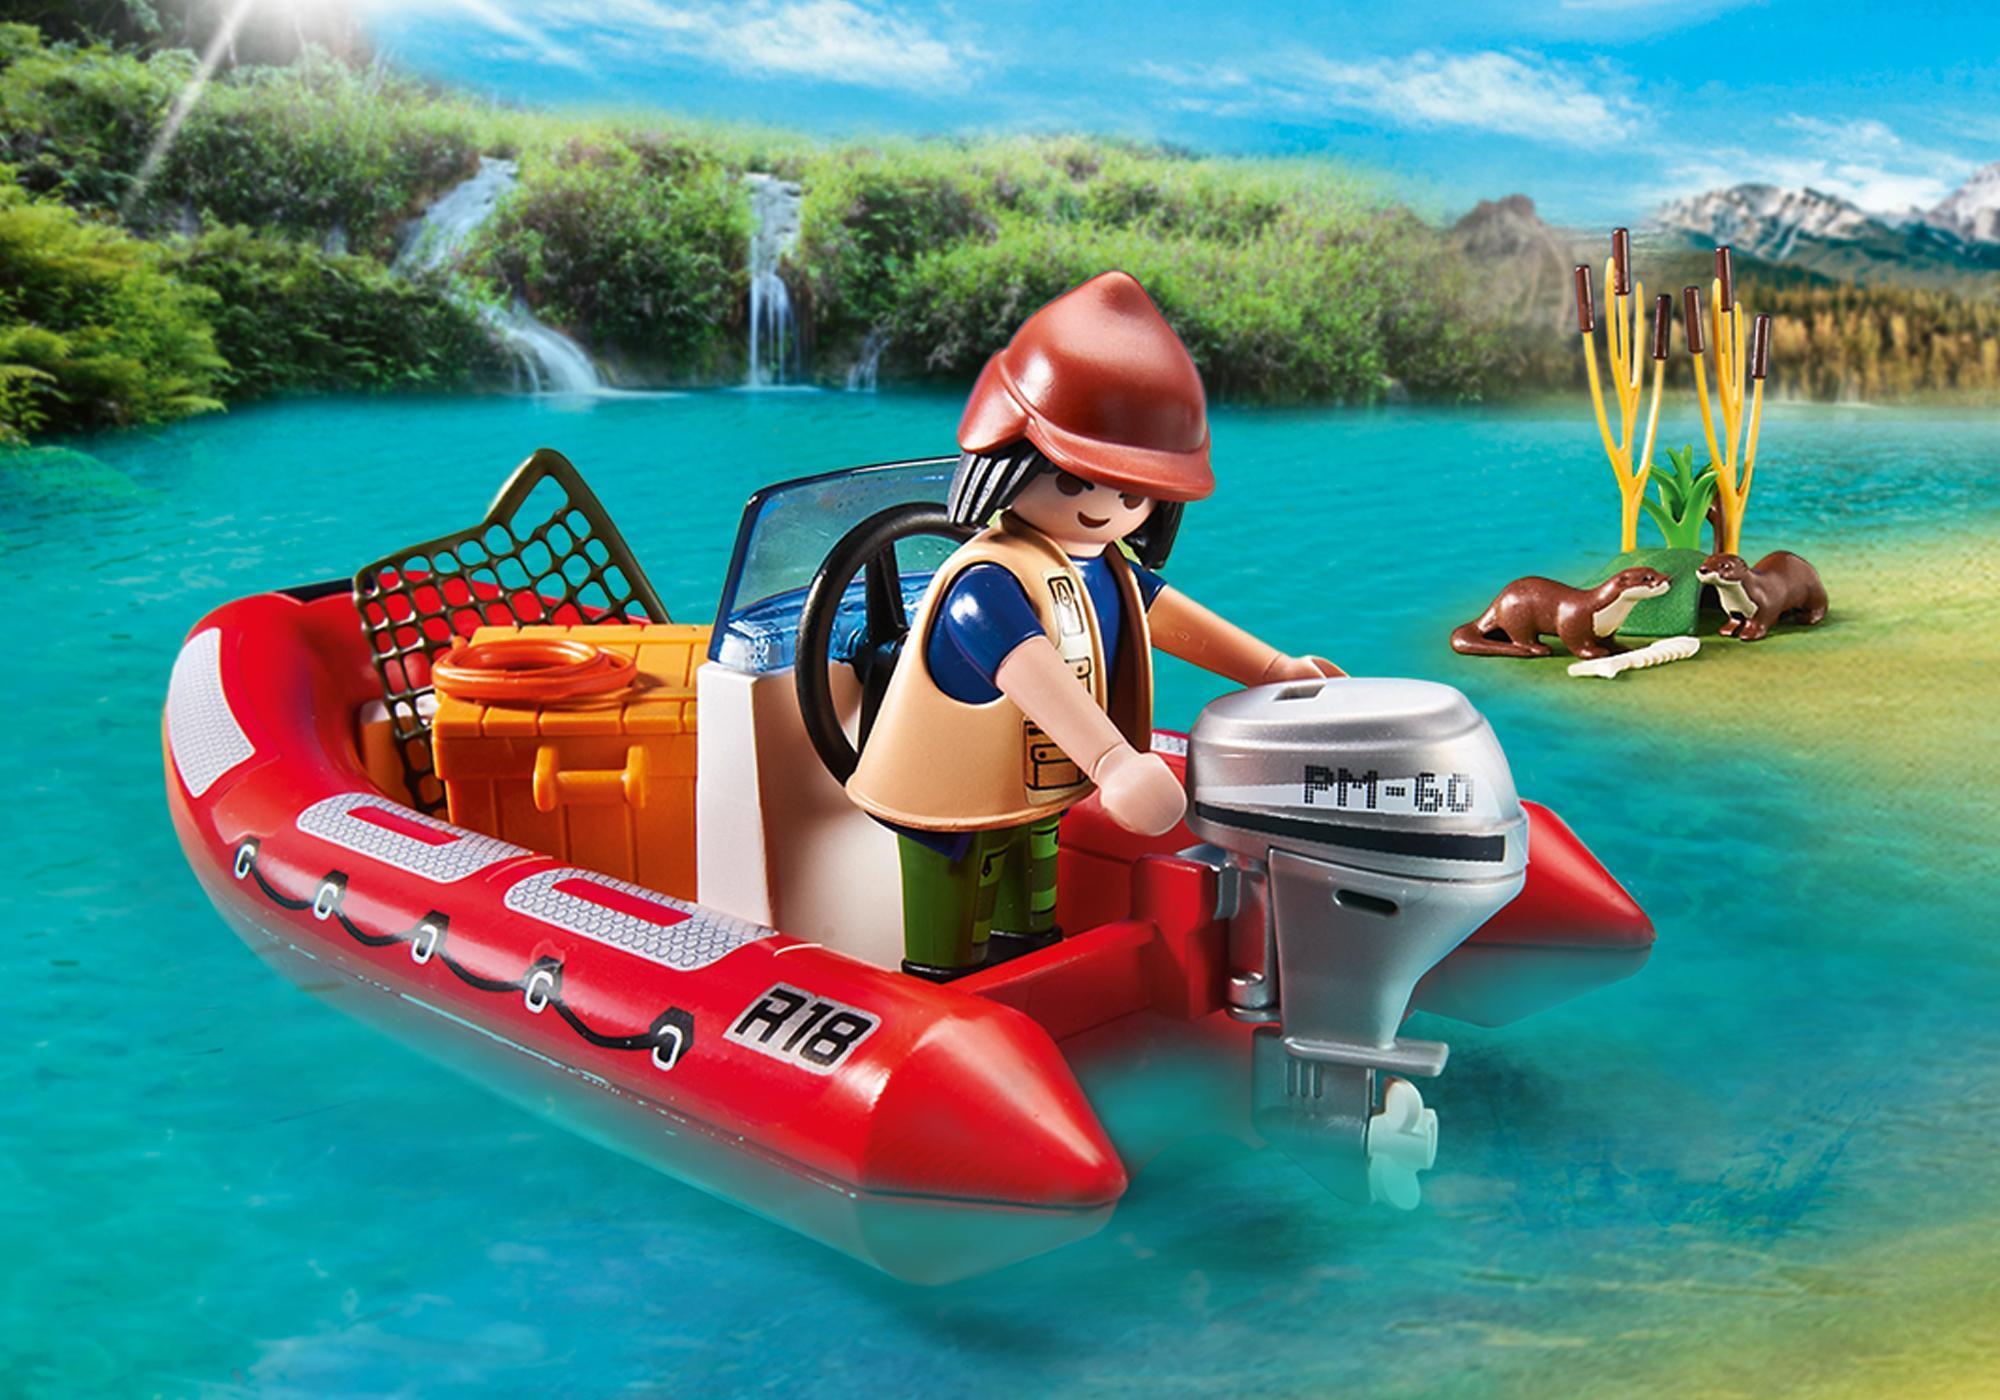 http://media.playmobil.com/i/playmobil/5559_product_extra2/Gummibåt med tjuvfiskare